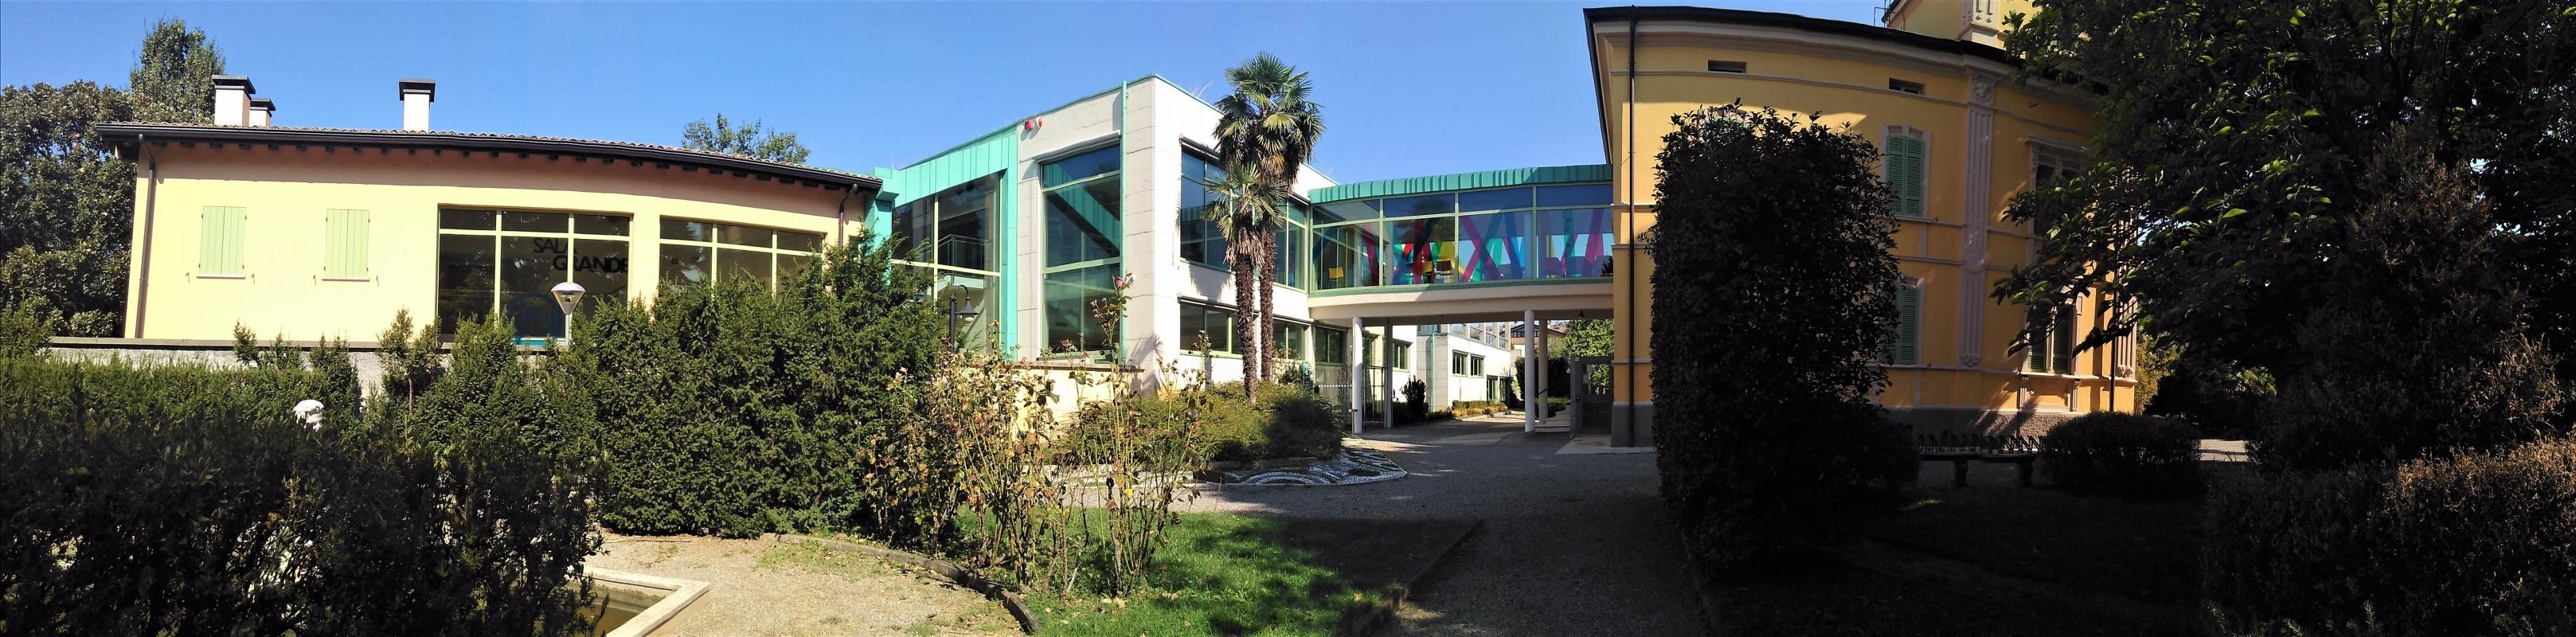 Multiplo Centro Cultura Cavriago 02 - Laura Simonazzi - Cavriago (RE)